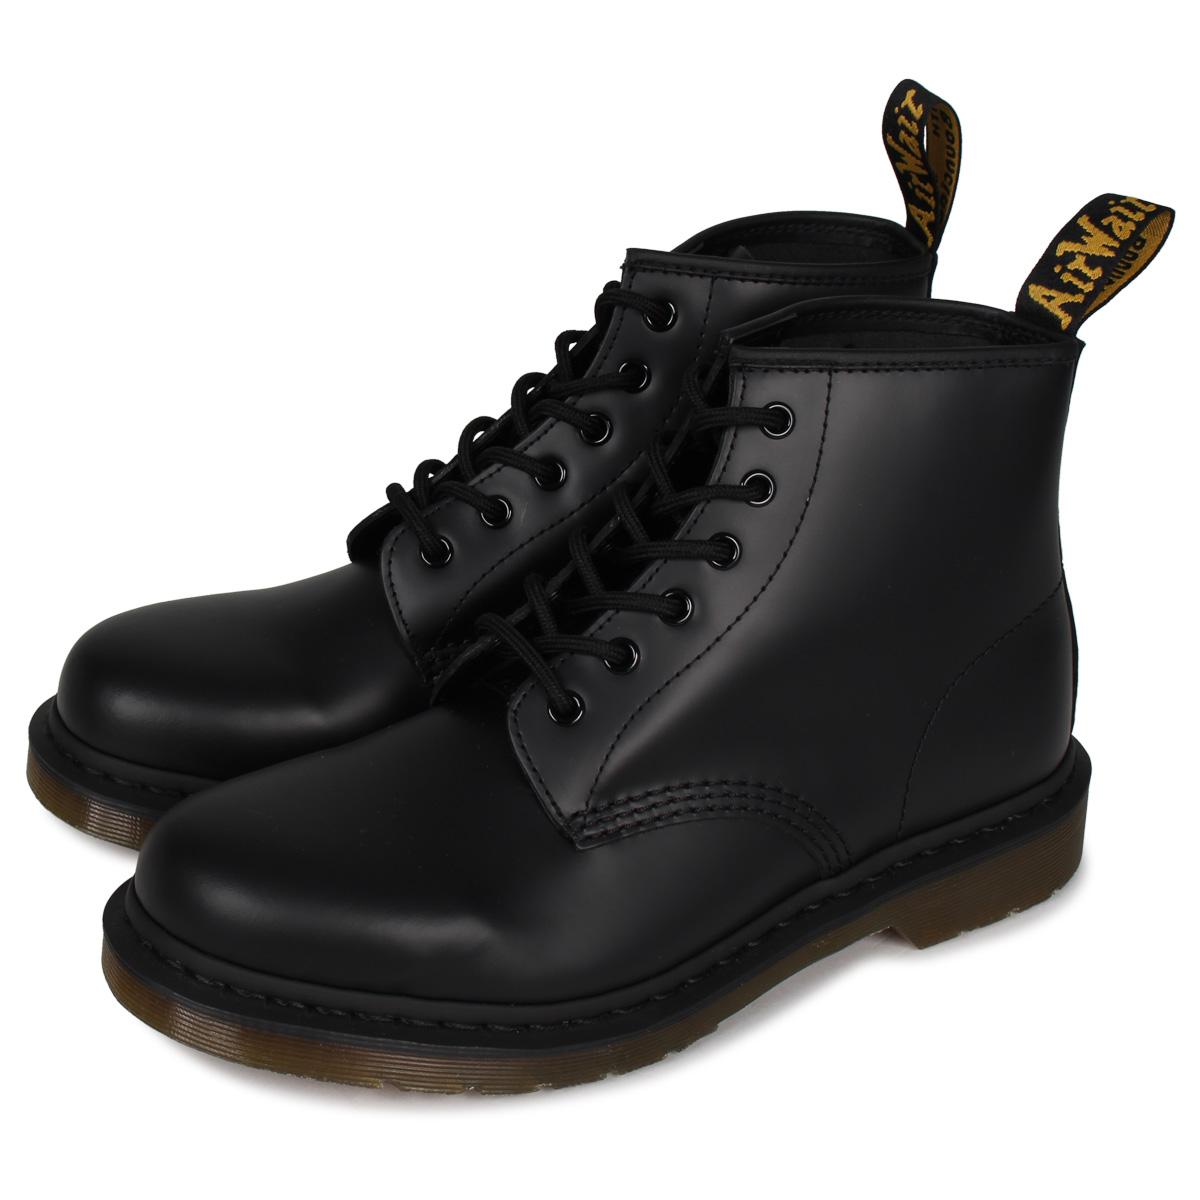 送料無料 22.5cm-28cm ドクターマーチン Dr.Martens ブーツ 最大1000円OFFクーポン 6EYE BOOTS 101 黒 ブラック R24255001 ブランド買うならブランドオフ メンズ 奉呈 レディース 6ホール